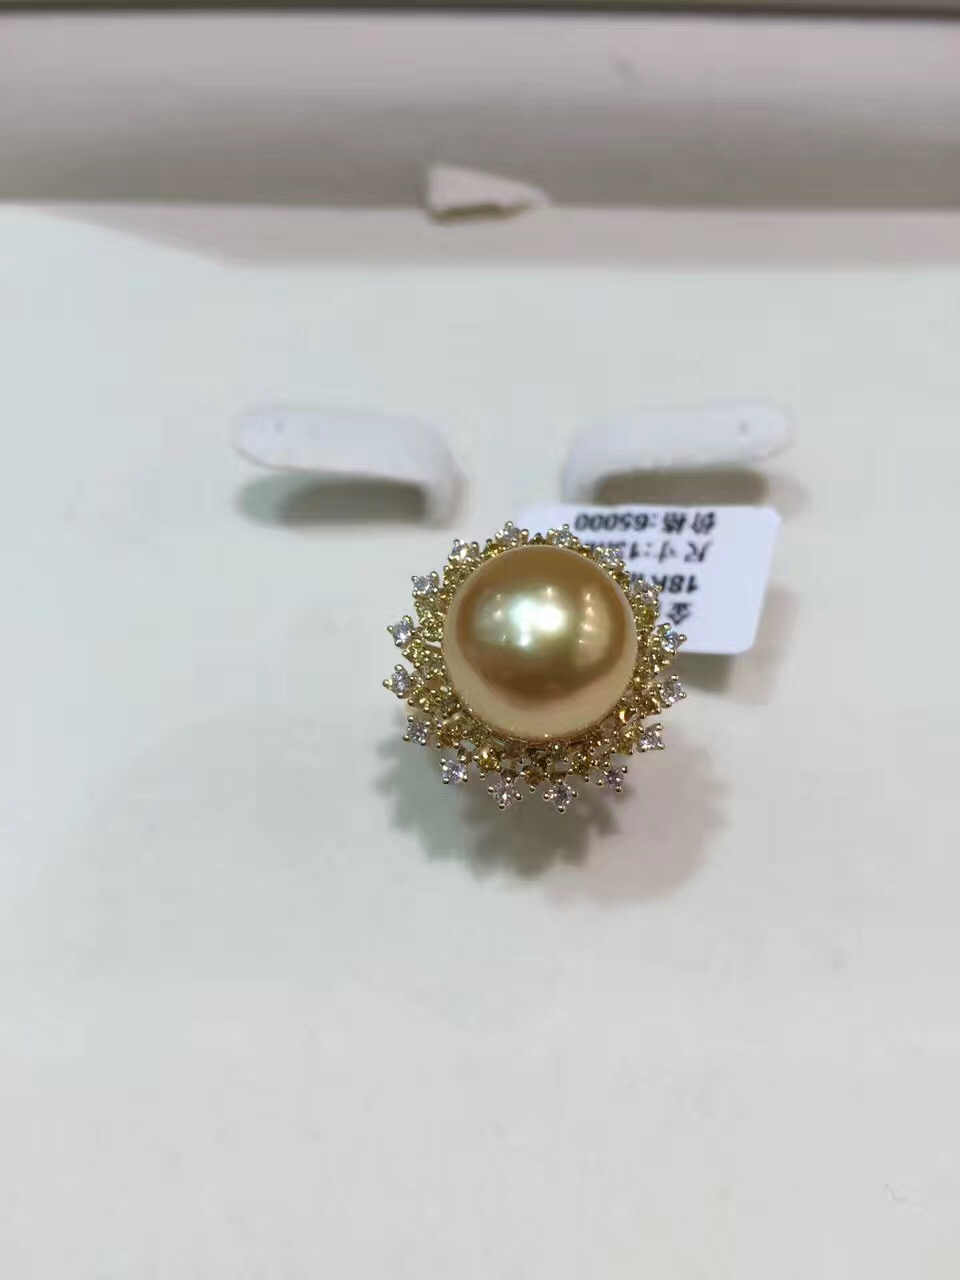 12-13MM φυσικό χρυσό δαχτυλίδι - Κοσμήματα - Φωτογραφία 2